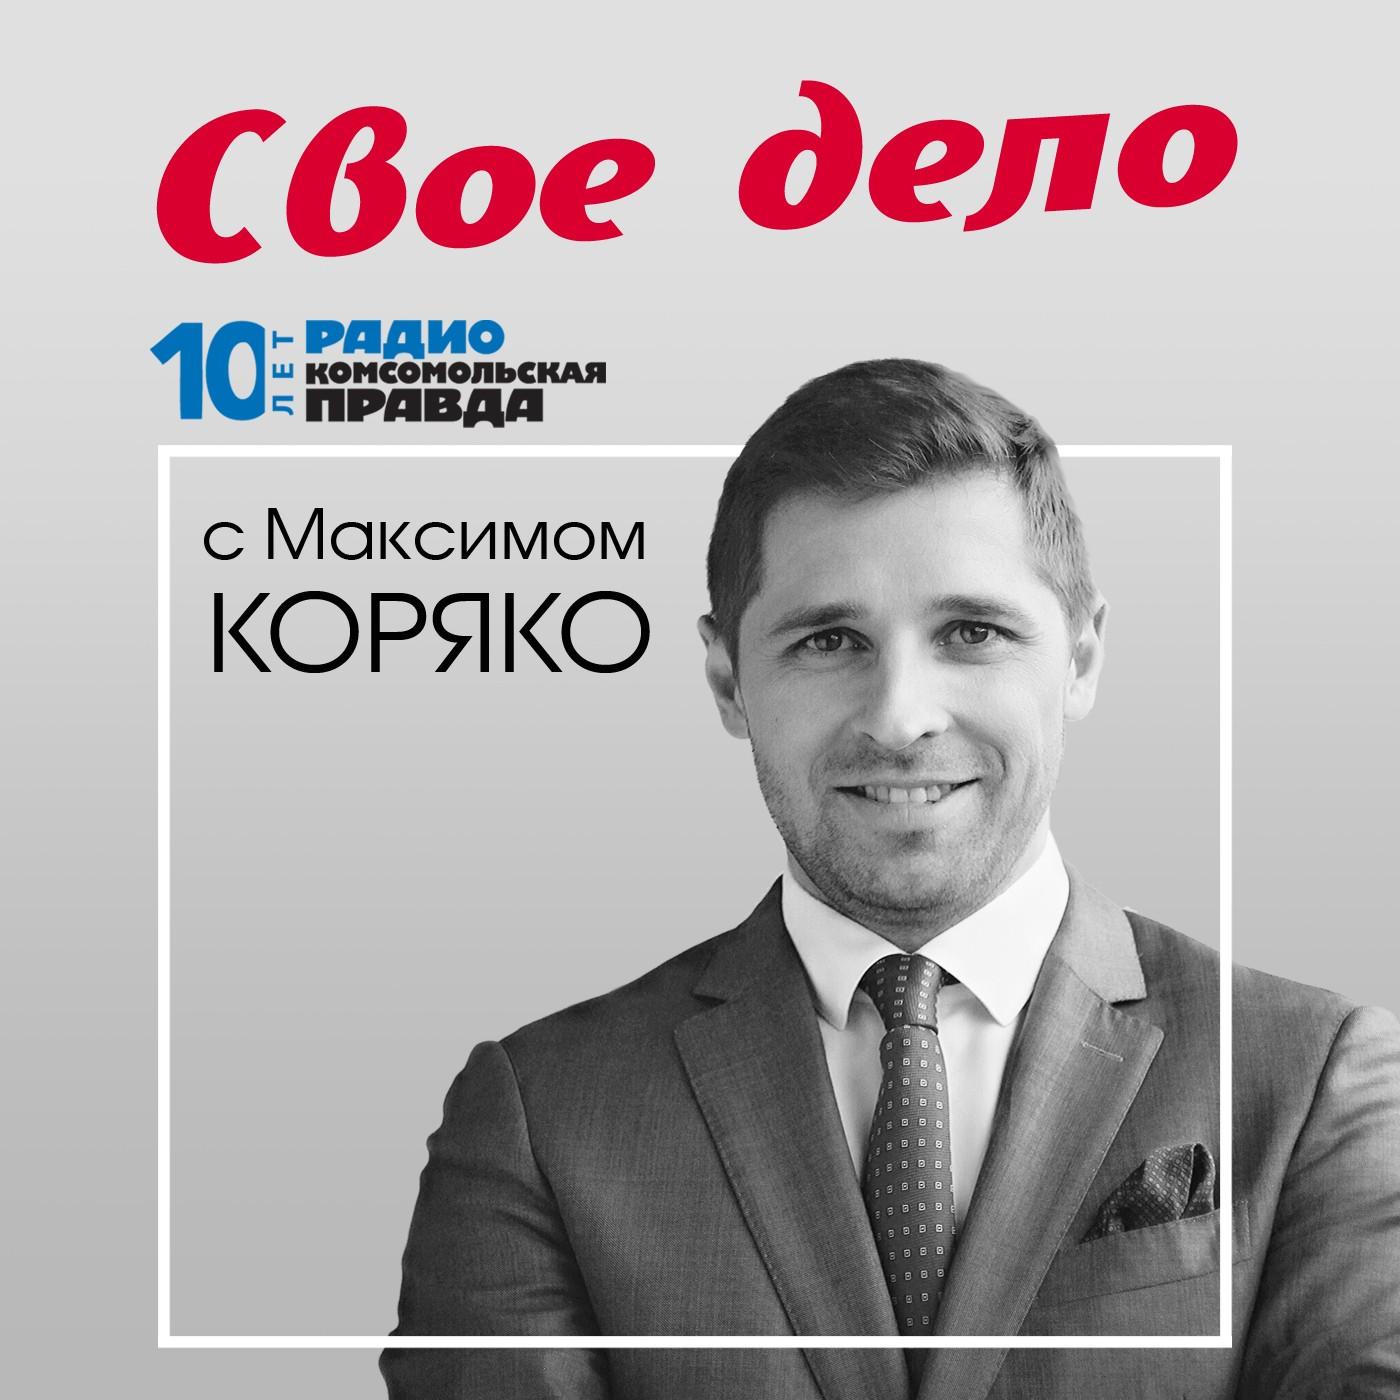 Радио «Комсомольская правда» Разговор к 8 марта: кому проще вести бизнес - мужчинам или женщинам канделябр 3 свечи stilars 8 марта женщинам